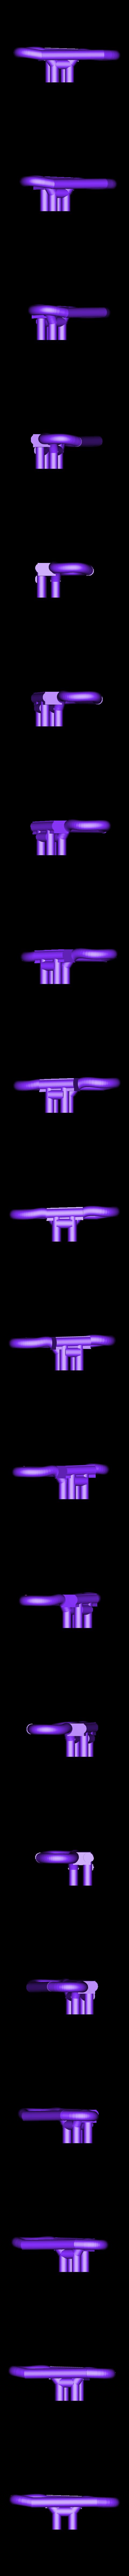 quad-rail.stl Download free STL file quad bombardier DS 650 • 3D printer object, jasperbaudoin